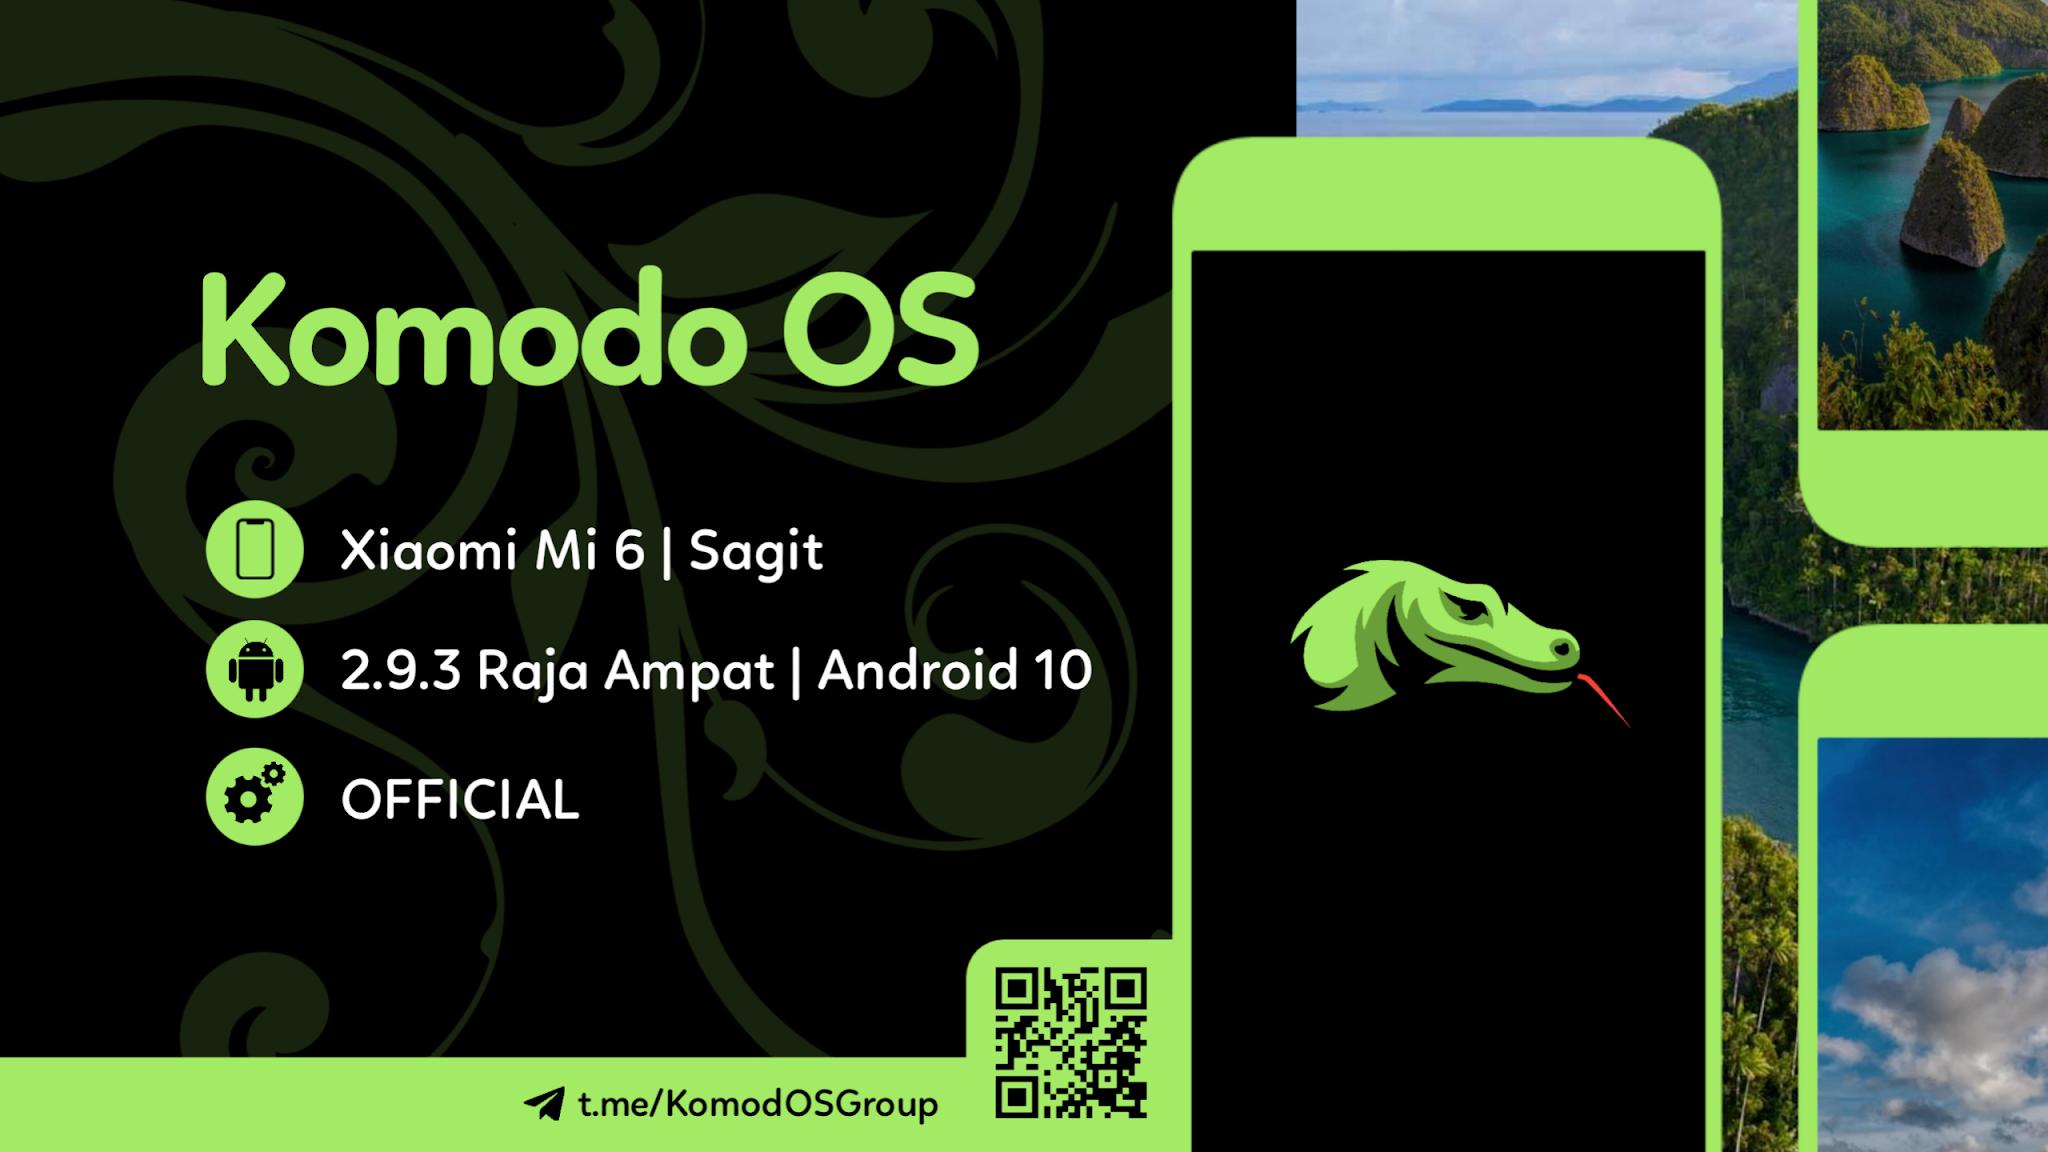 [ROM] Komodo OS v2.9.3 - Mi 6 [Sagit]